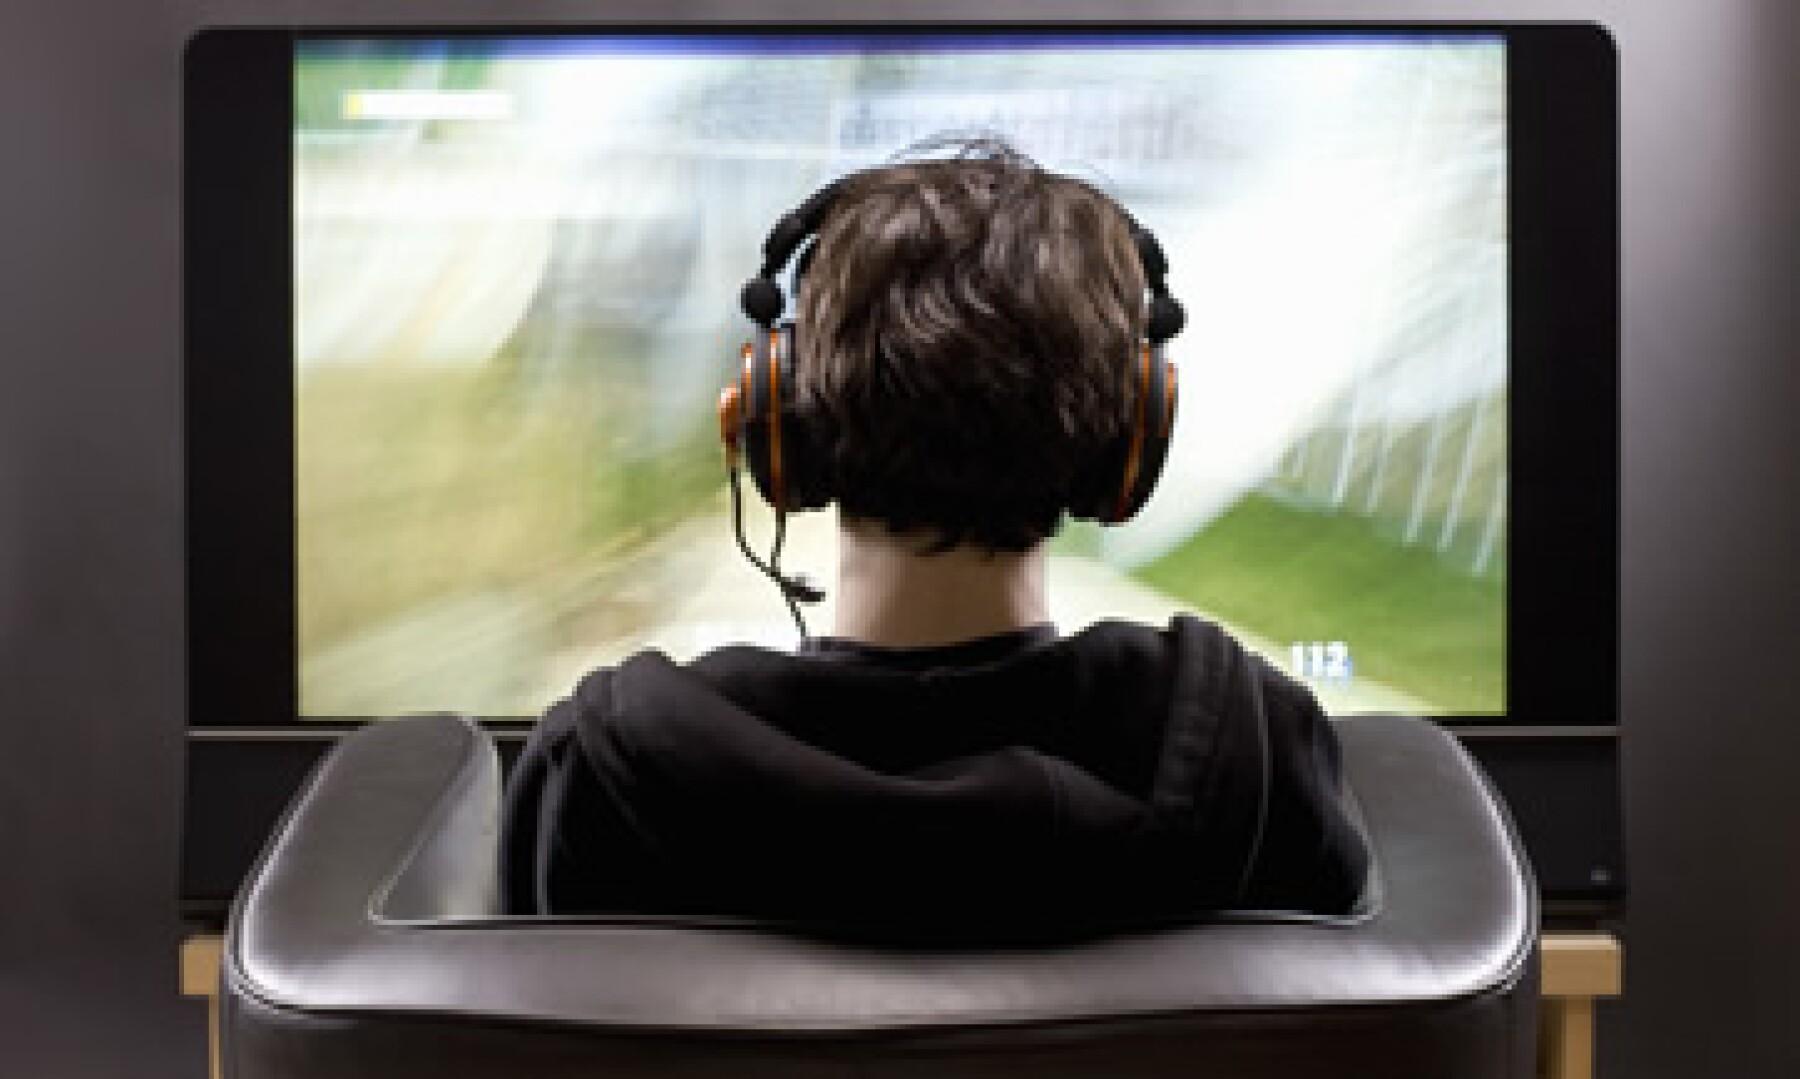 Una consola de videojuegos podría brindar una oportunidad significativa para que Google extienda el alcance de Android. (Foto: Getty Images)